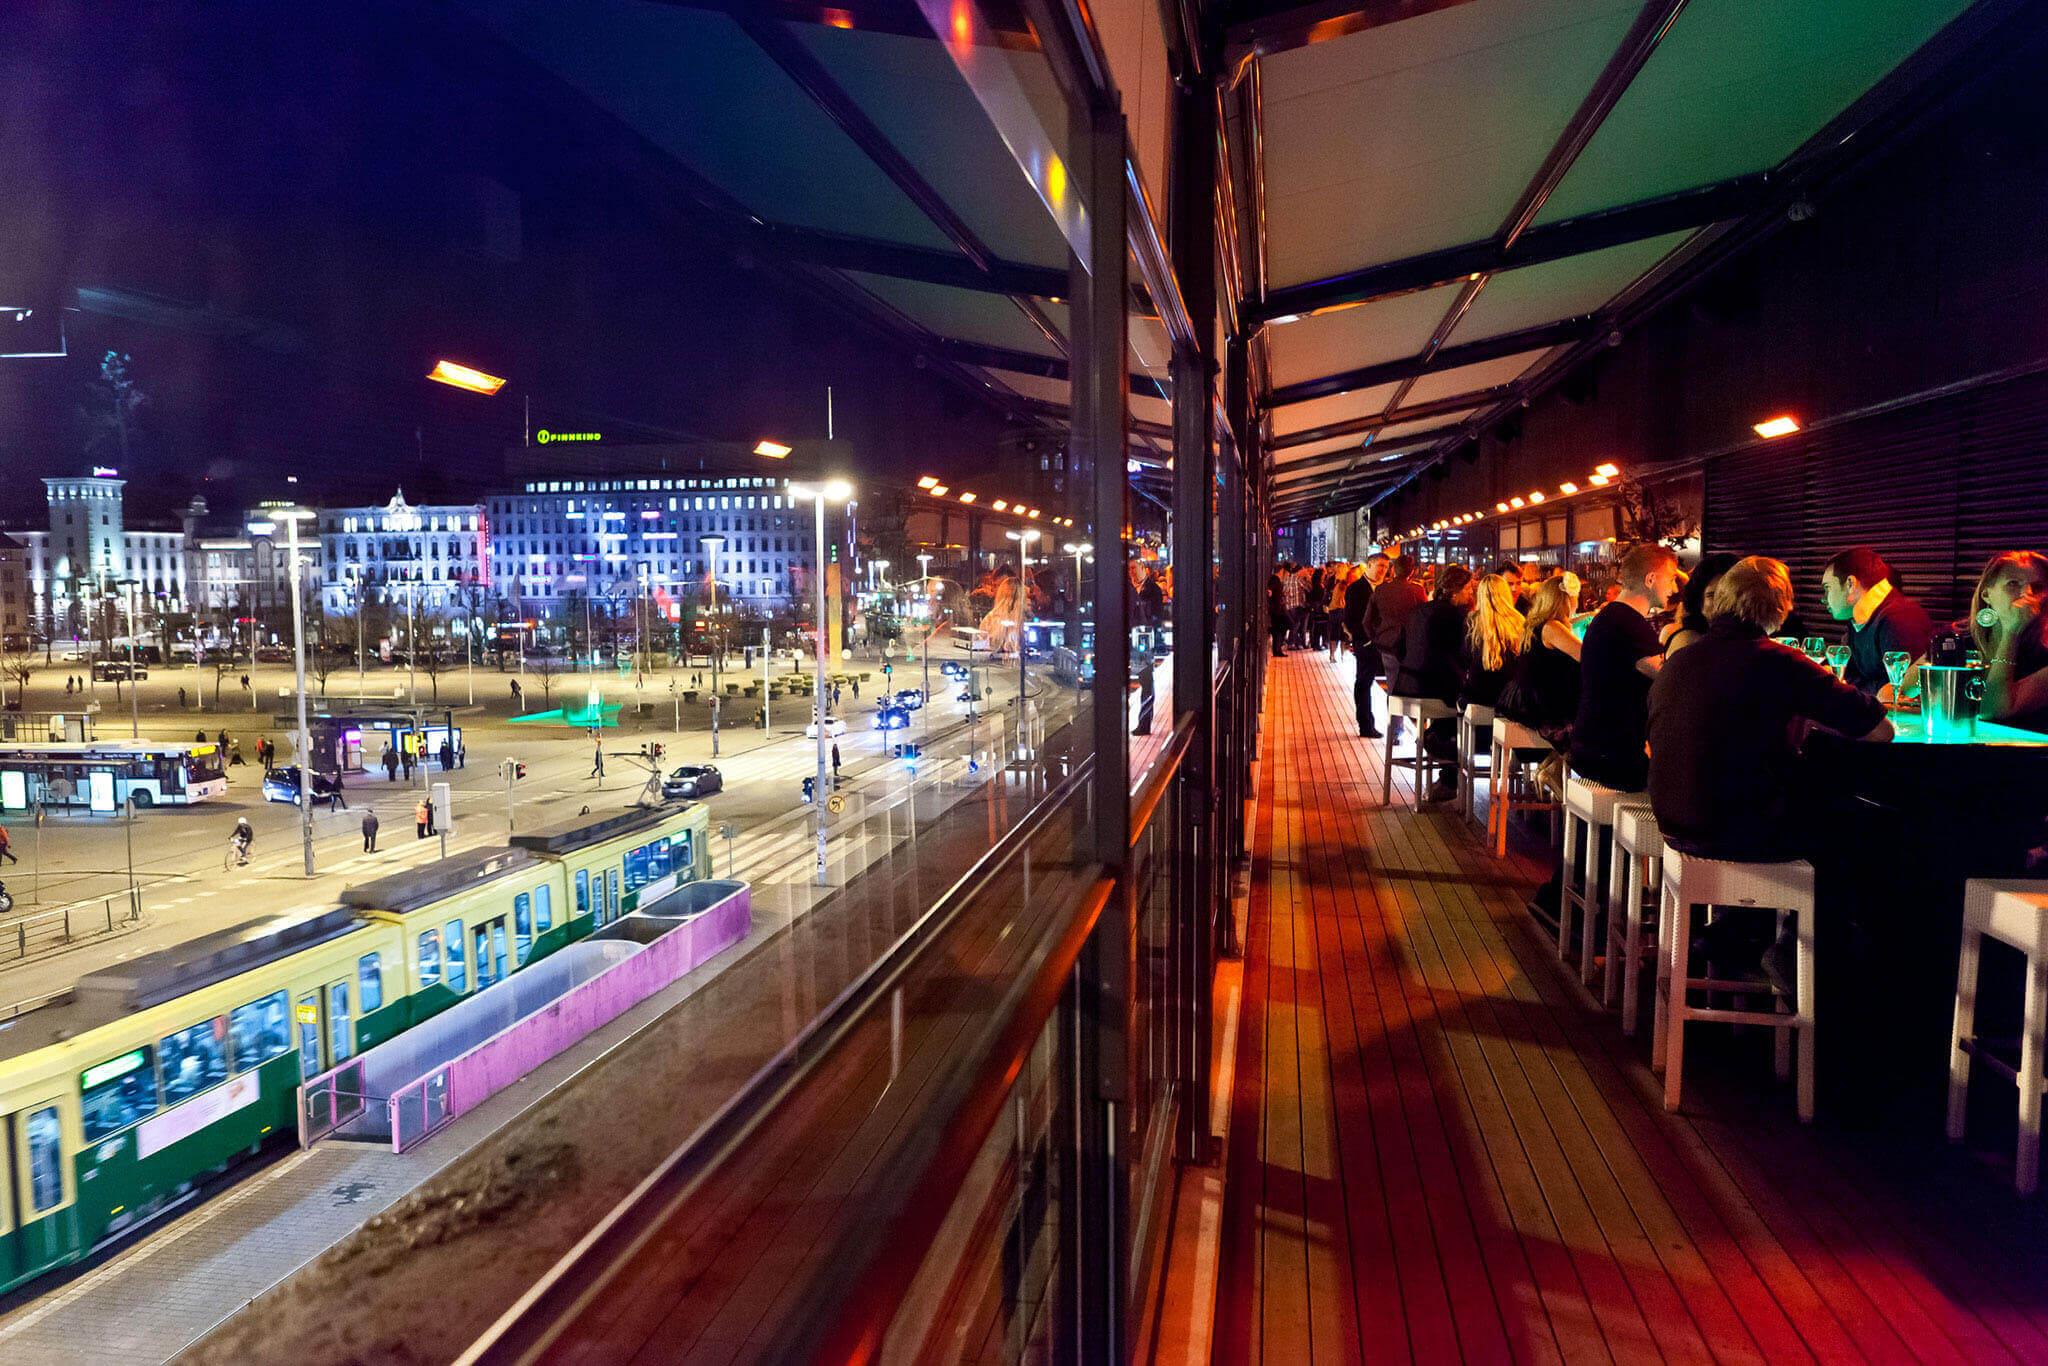 Pergola bei Restaurant oder Bar außen in der Nähe von Bahnhof